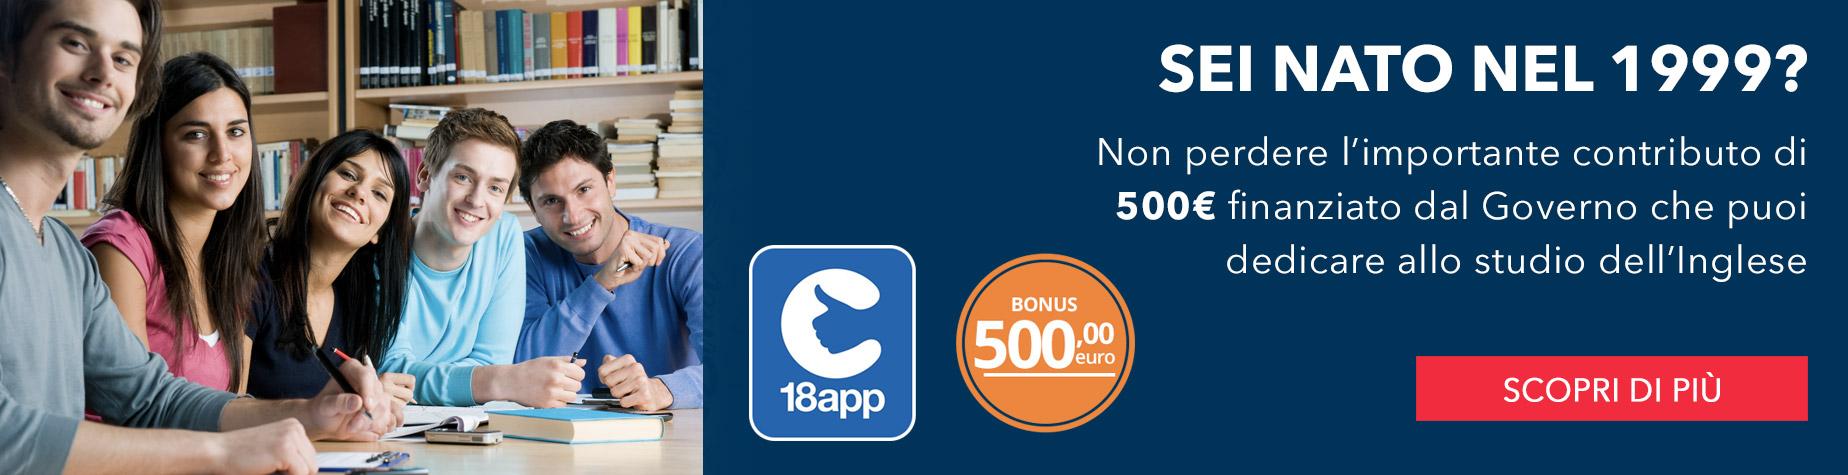 WSE Bonus 500 € 2017 18 anni | corsi di inglese